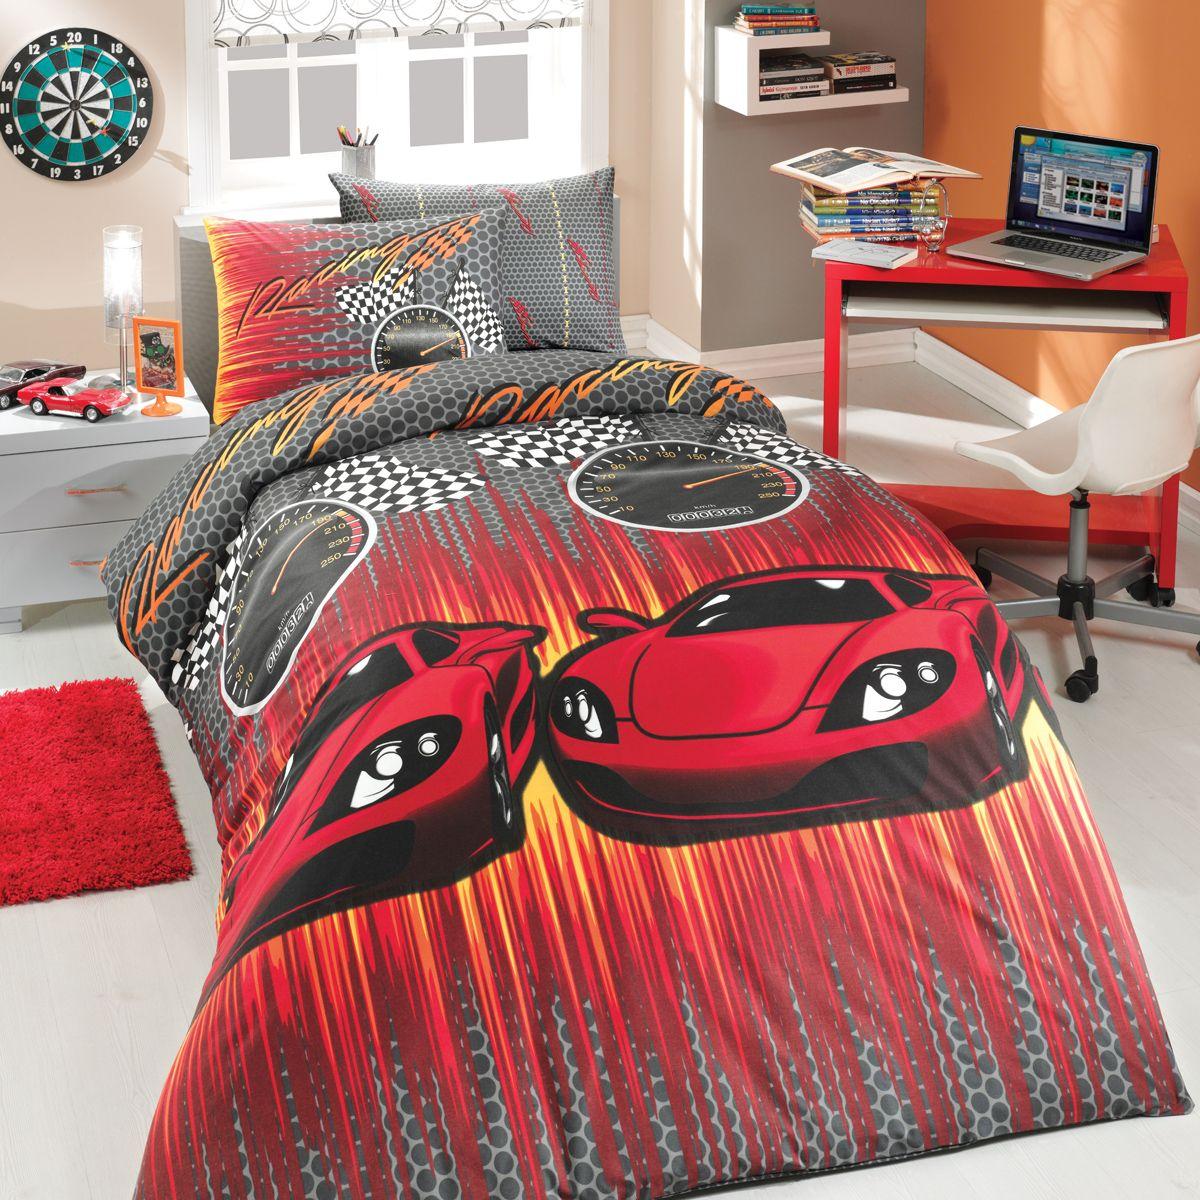 Комплект белья Hobby Home Collection Speed, 1,5-спальный, наволочки 50x70, 70x70, цвет: красный1501000276Комплект постельного белья Hobby Home Collection Speed изготовлен из ранфорса (100% хлопка). Постельное белье имеет привлекающий внешний вид.Благодаря такому комплекту постельного белья вы сможете создать атмосферу уюта и комфорта в вашей спальне.